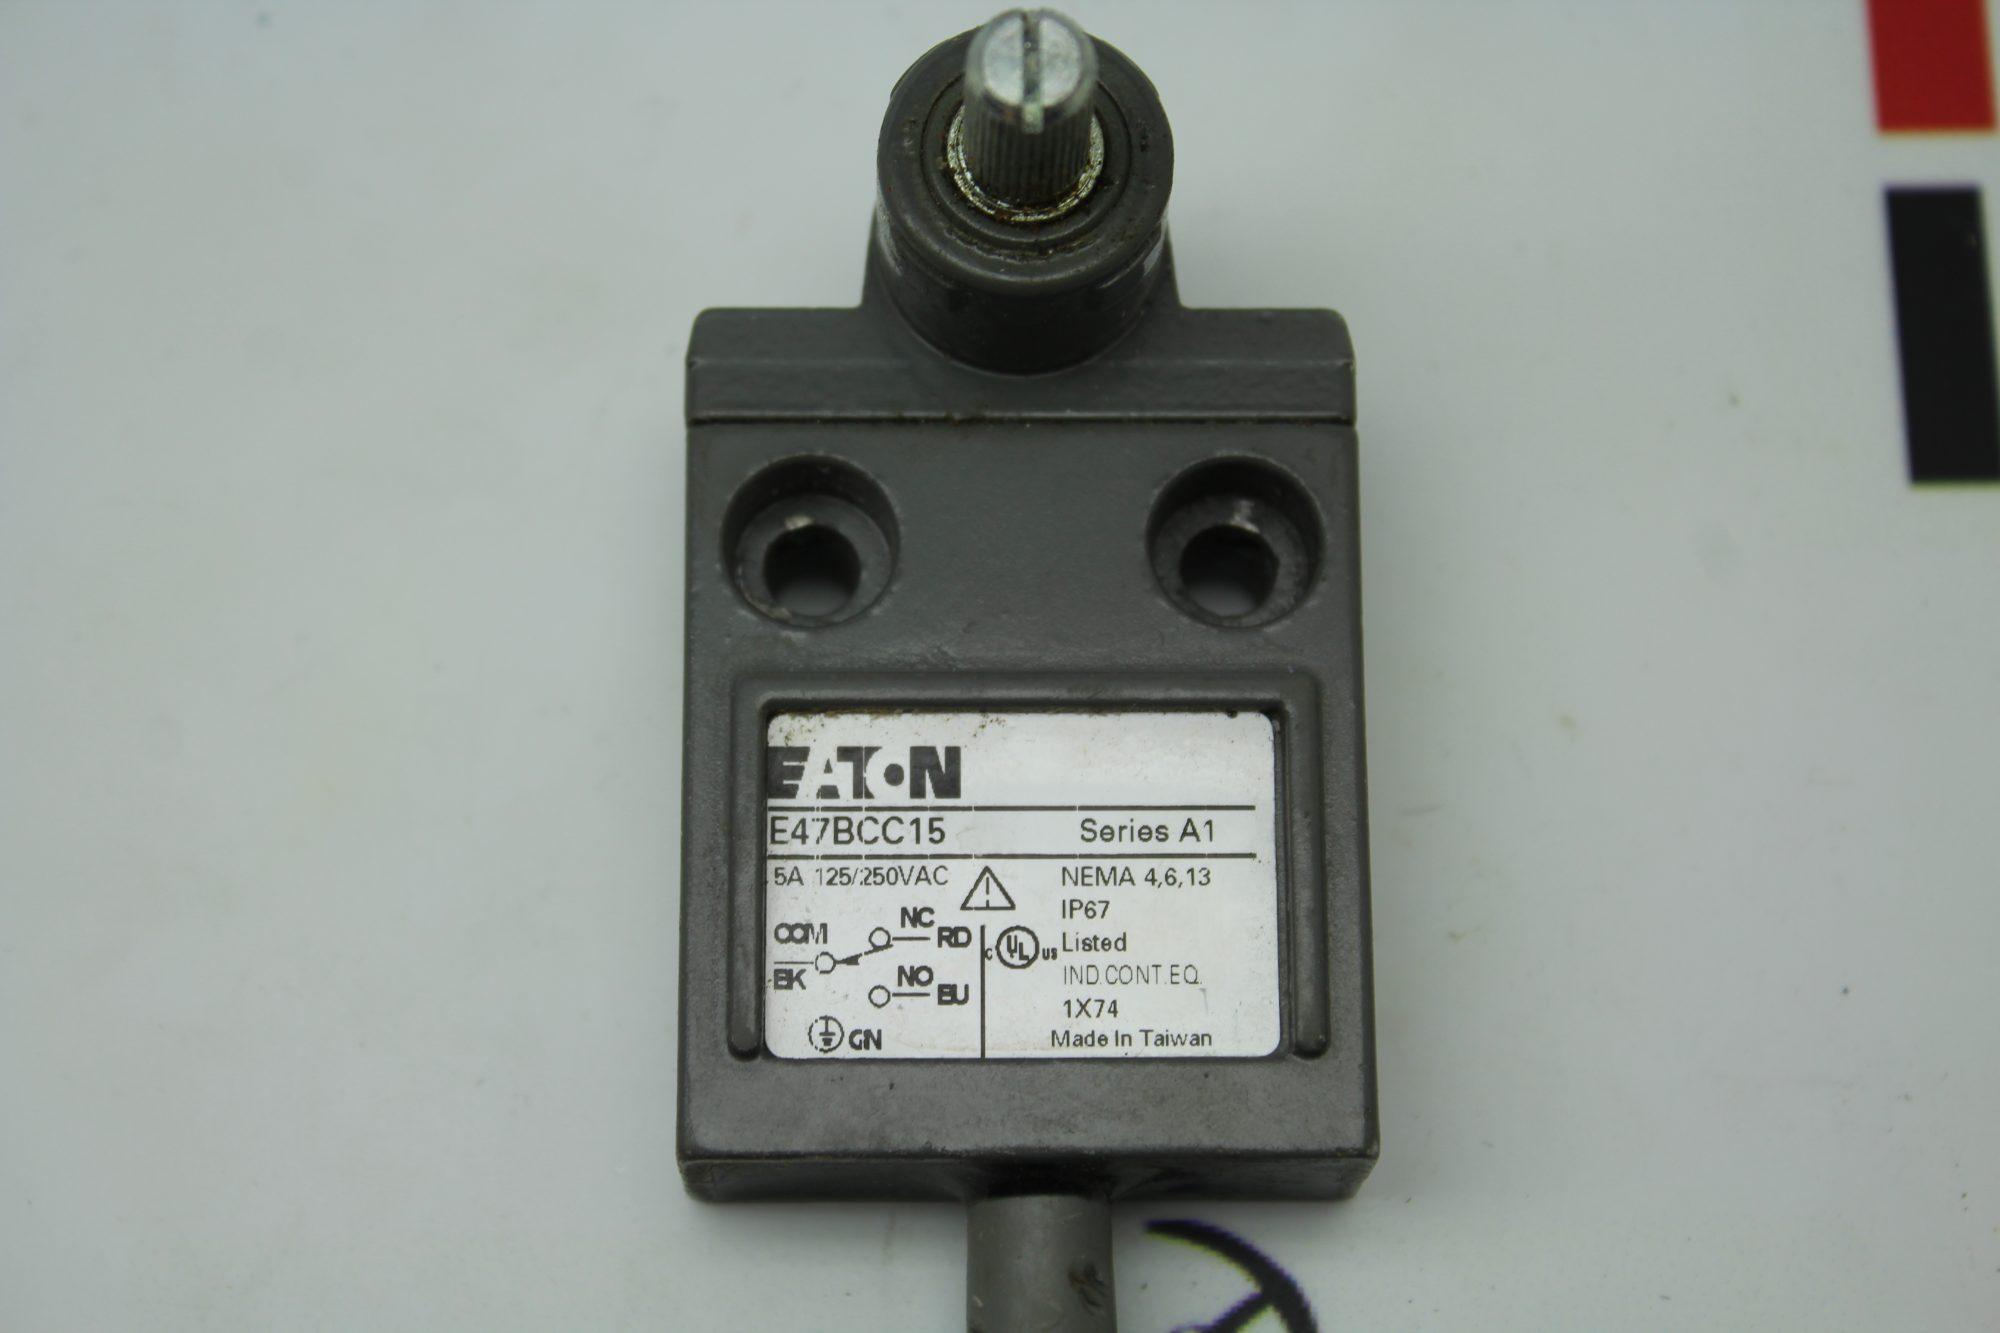 Eaton E47BCC15 Series A1 Limit Switch